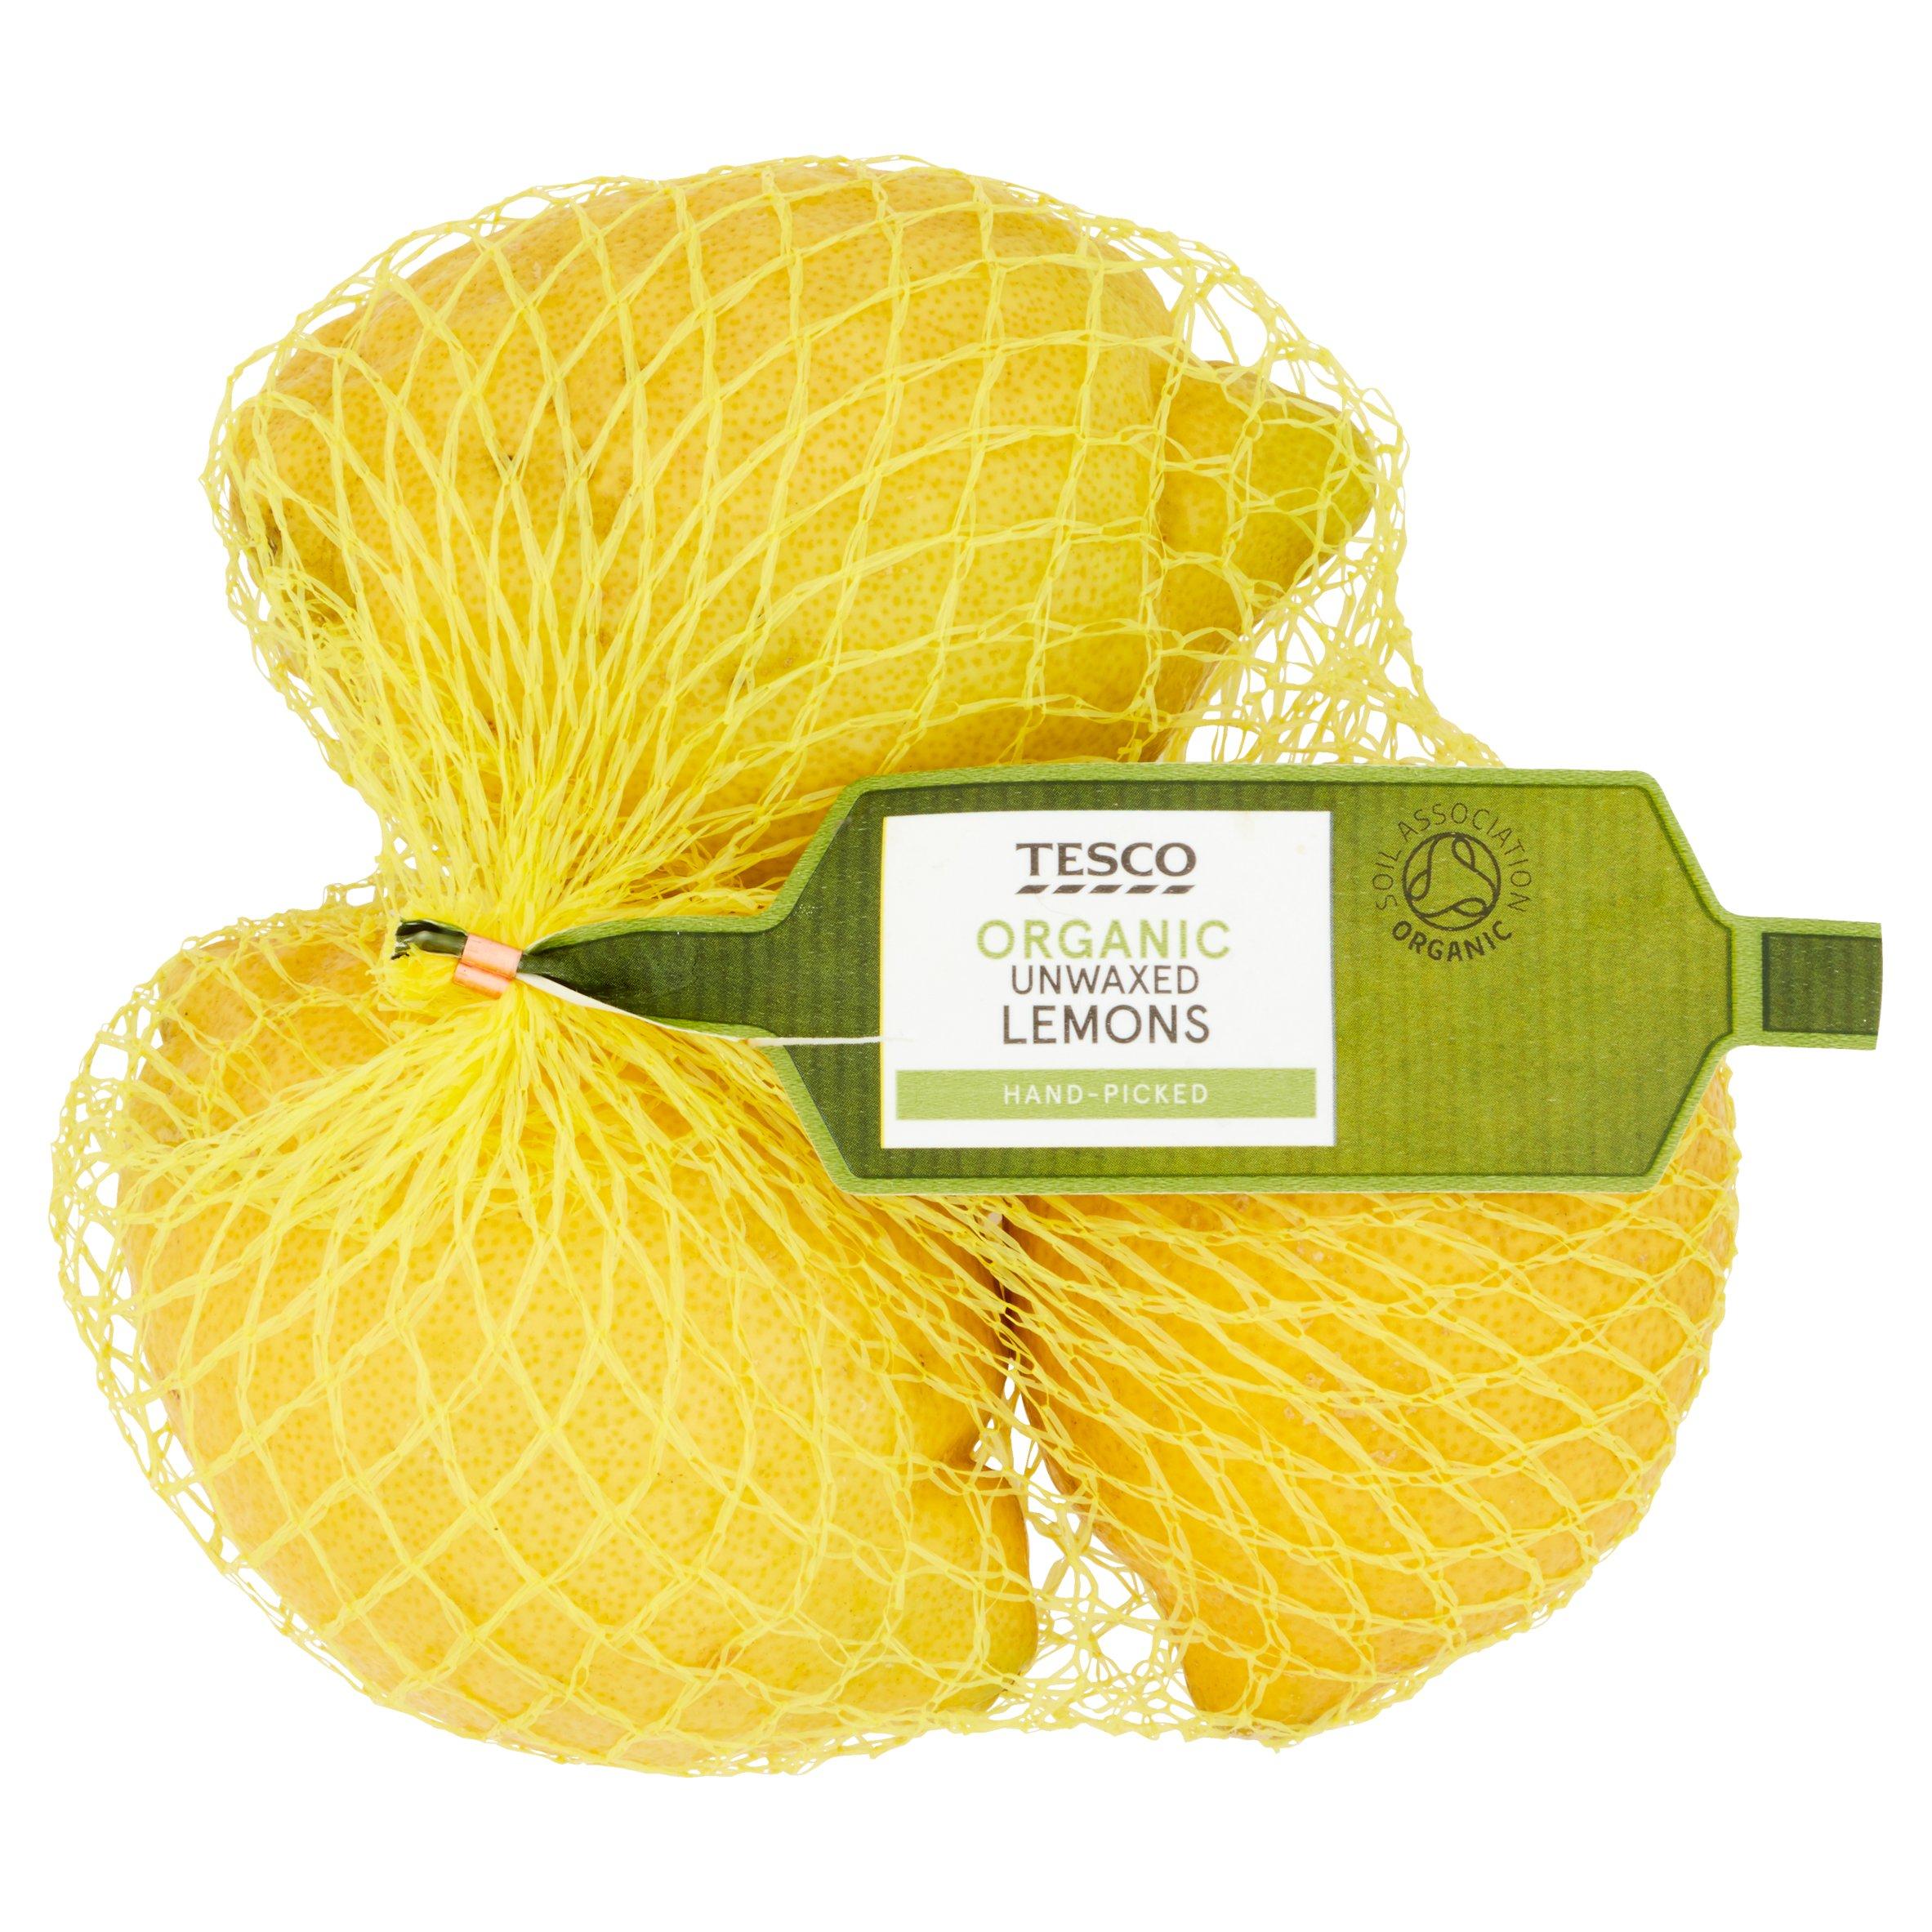 Tesco Organic Unwaxed Lemons Minimum 3 Pack